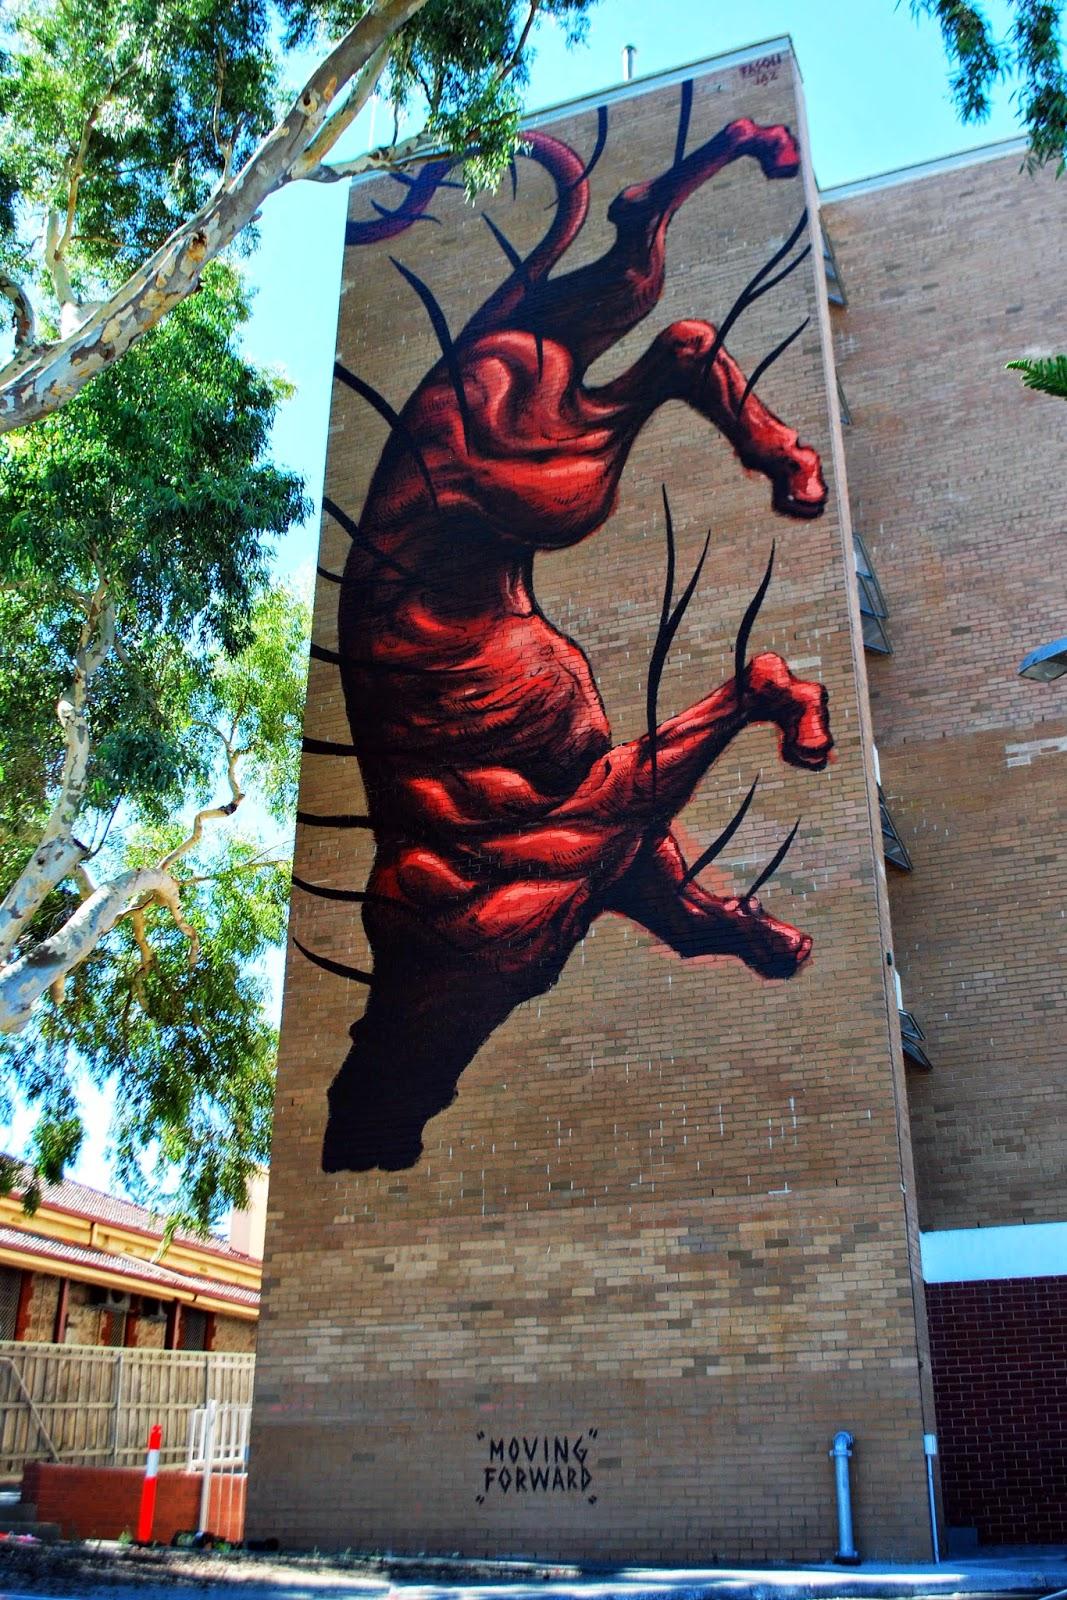 Jaz moving forward new mural perth australia for Australian mural